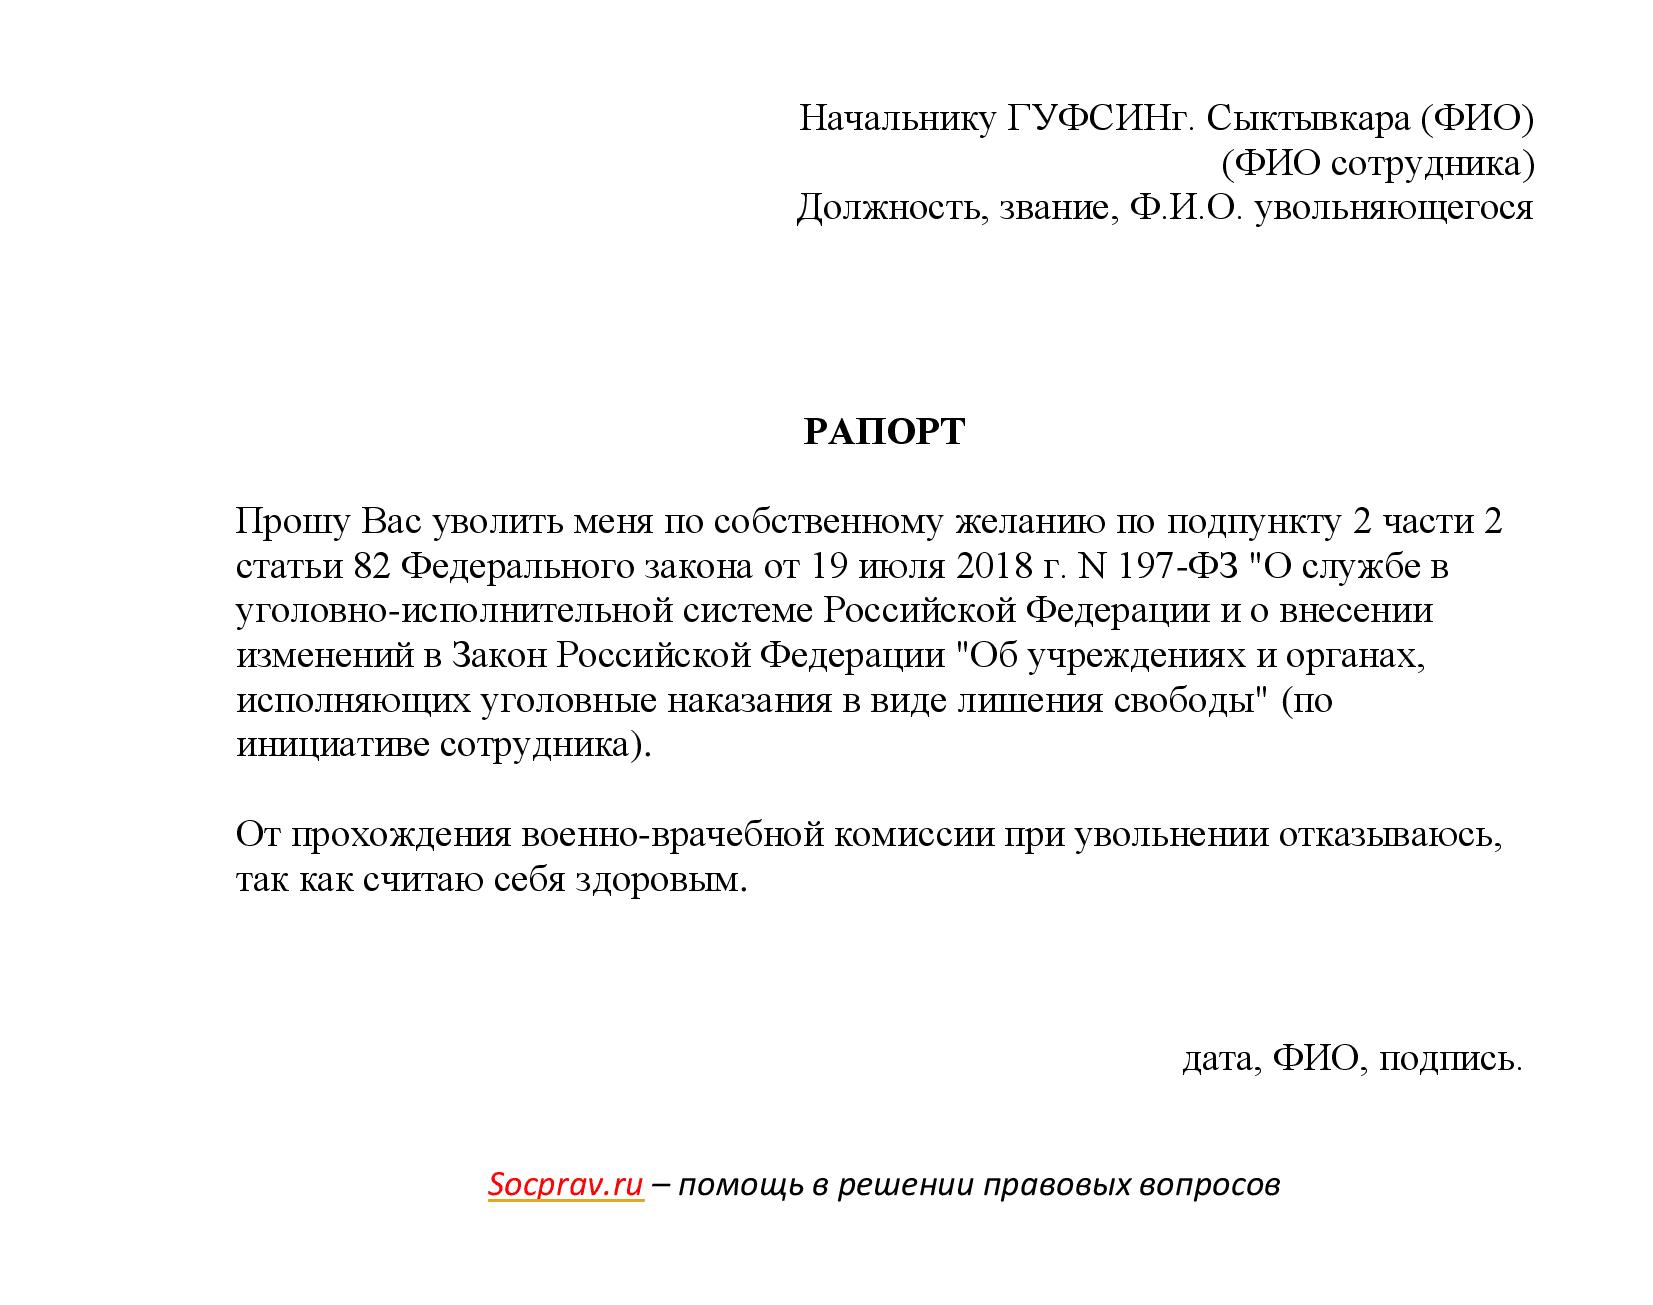 Рапорт на увольнение из УФСИН по собственному желанию